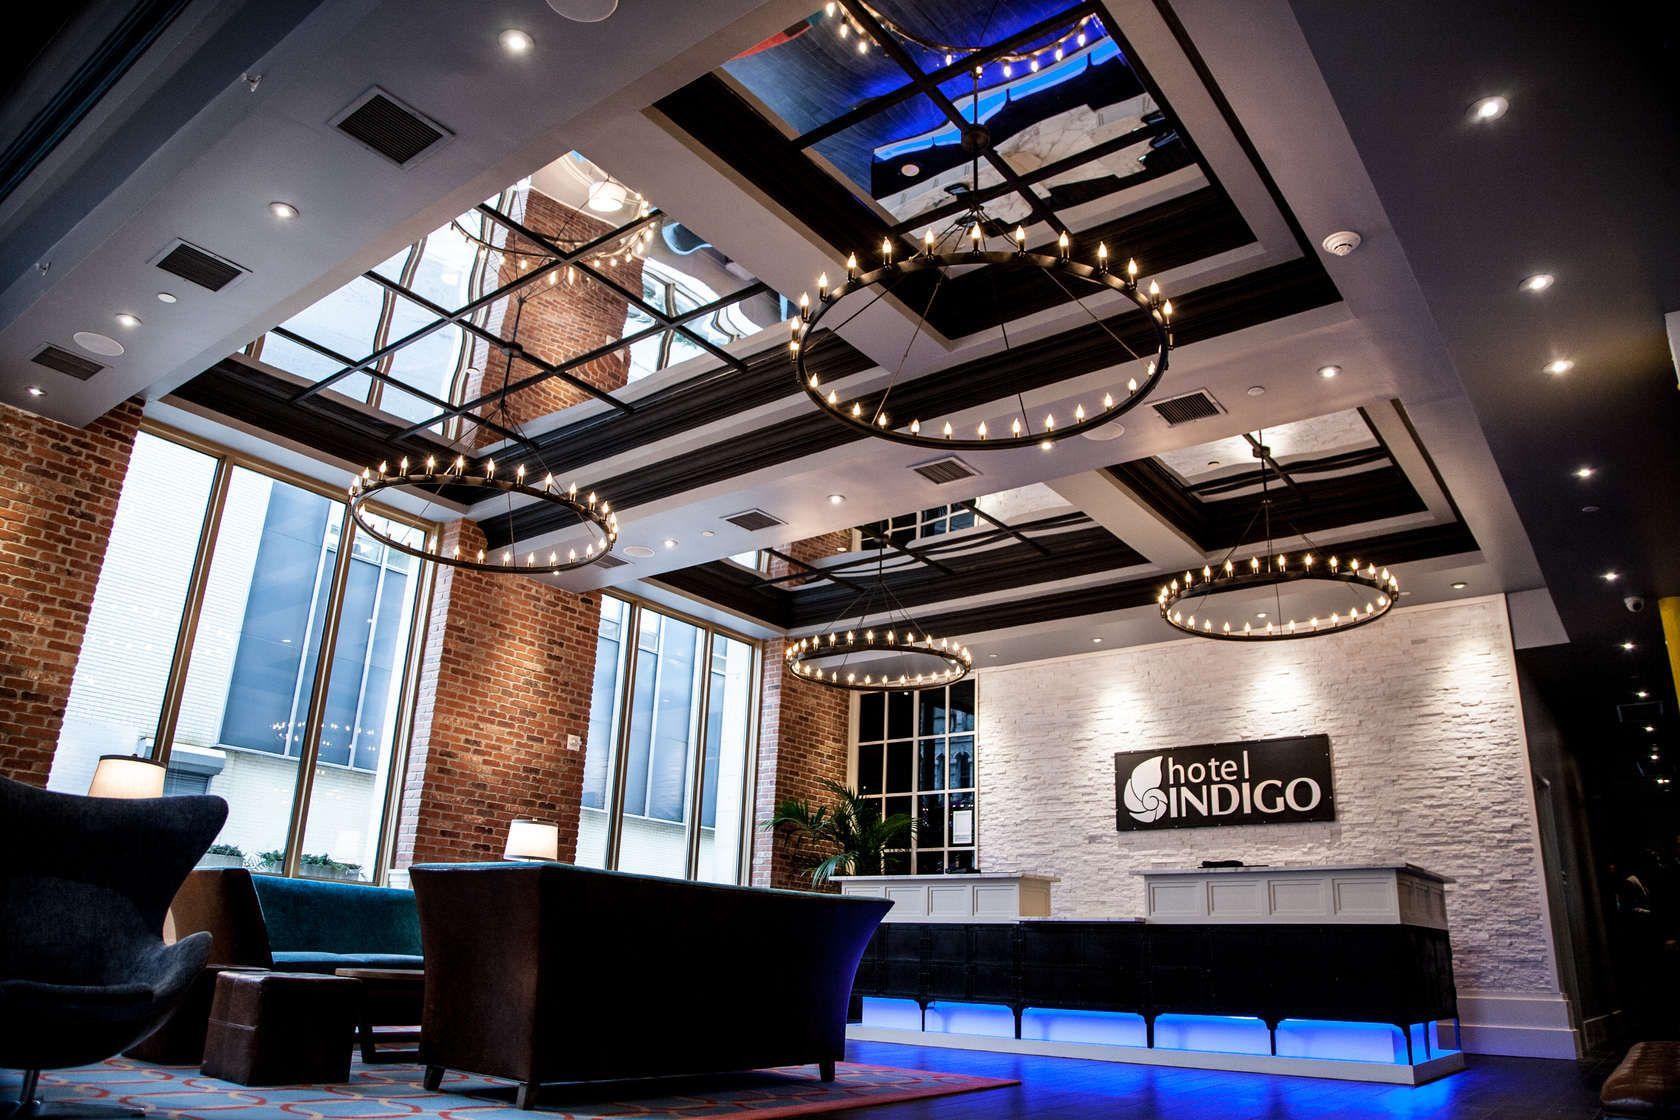 Hotel Indigo Newark Nj Lobby Pictures Hotel Indigo House